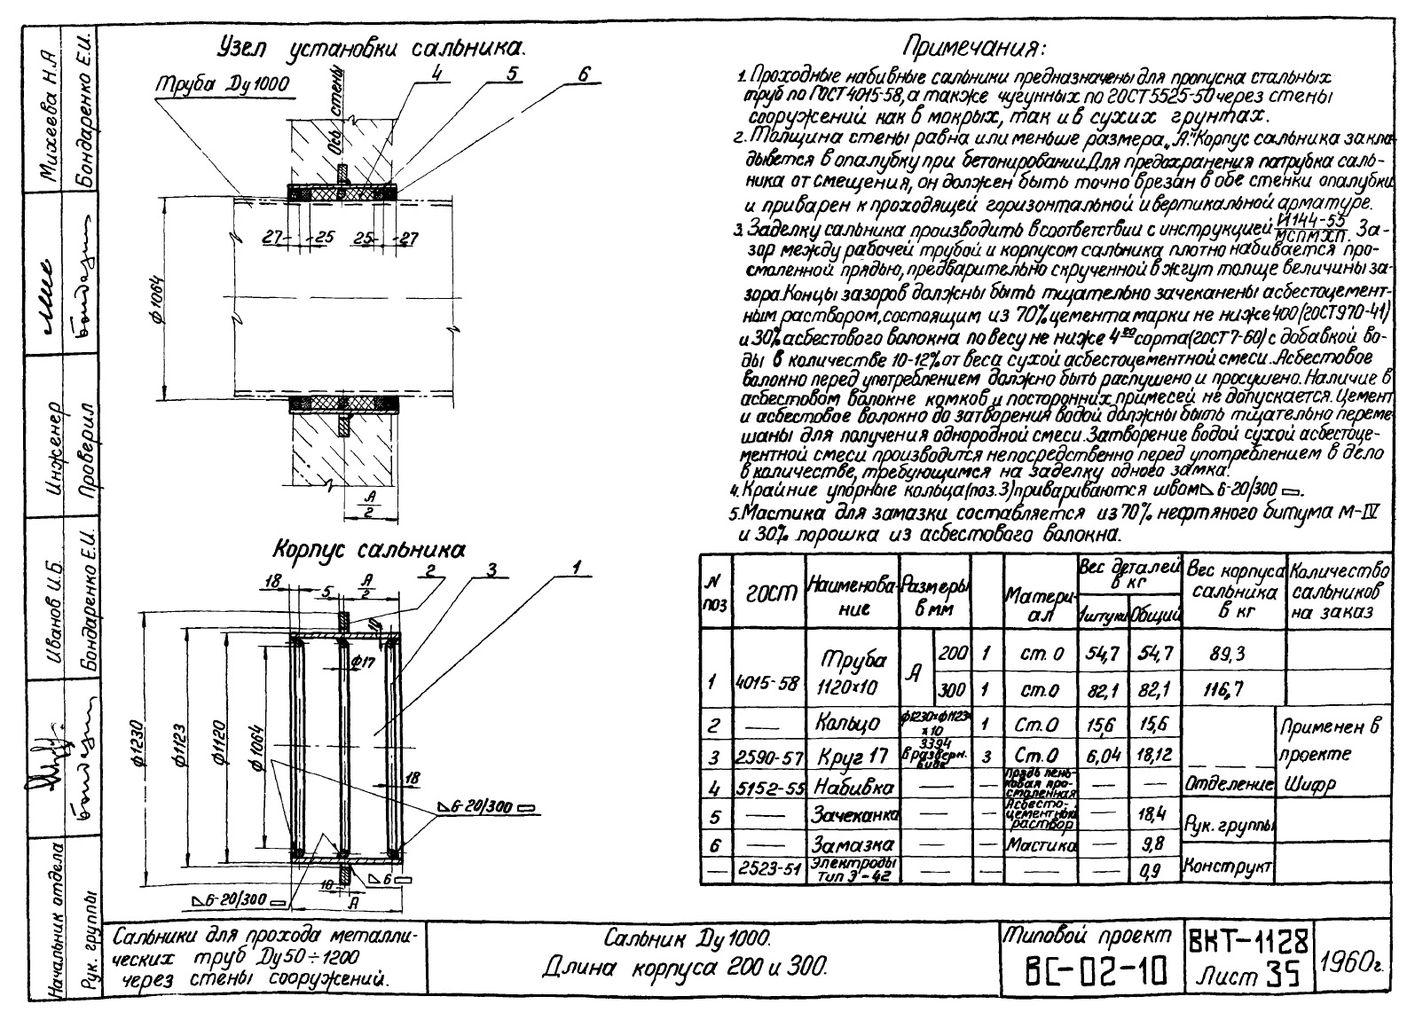 Сальники набивные L = 300 мм типовой проект ВС-02-10 стр.17